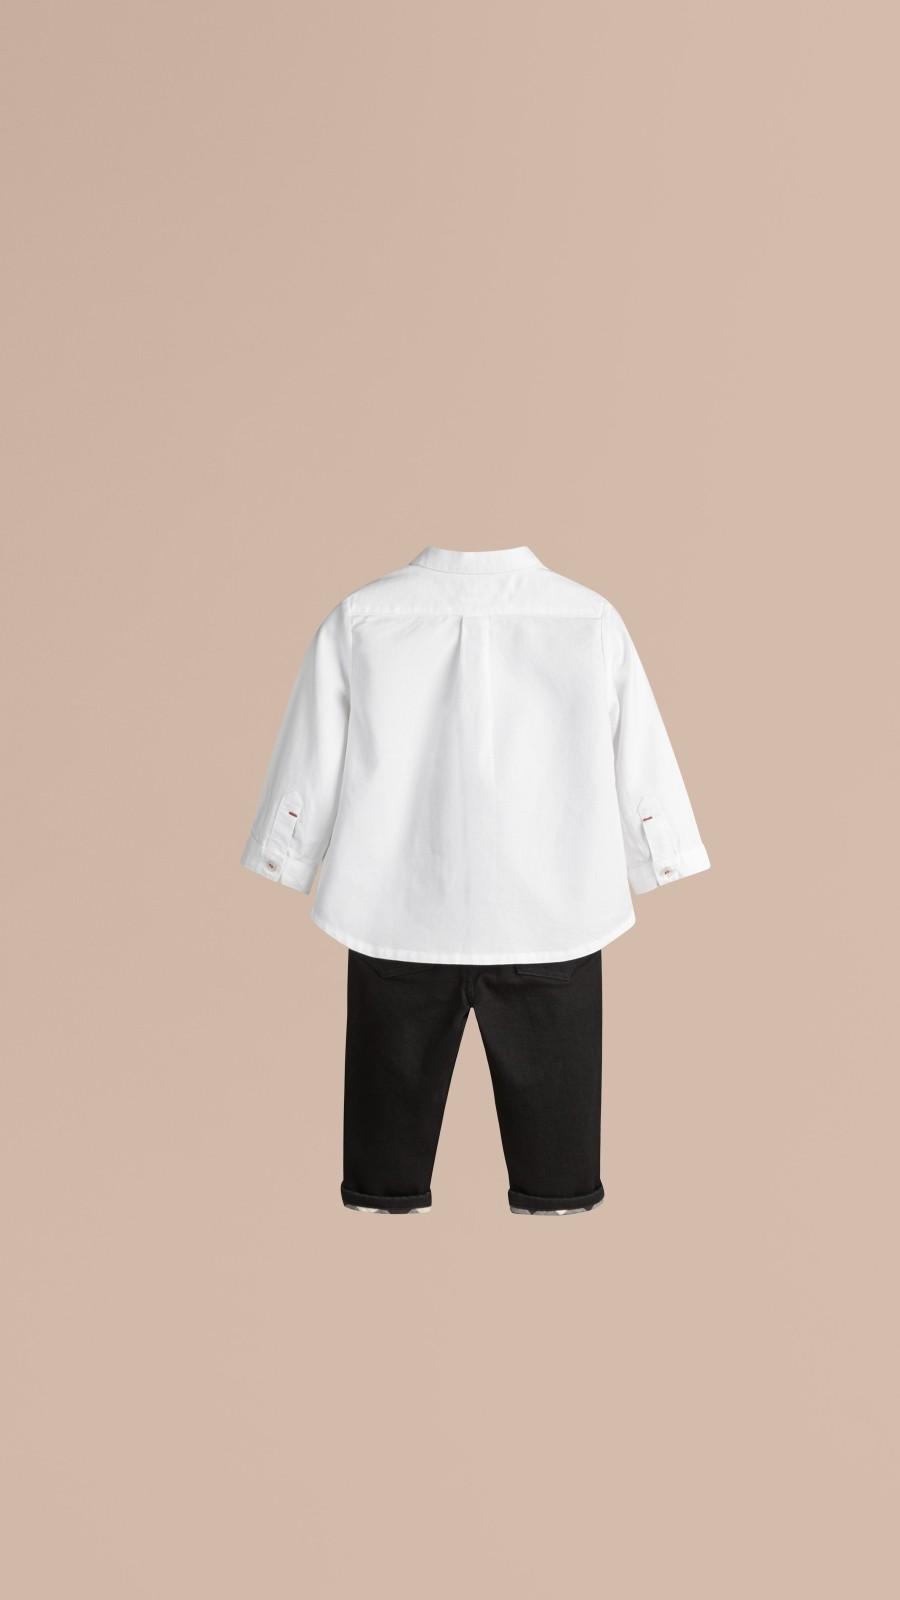 White Cotton Oxford Shirt White - Image 2